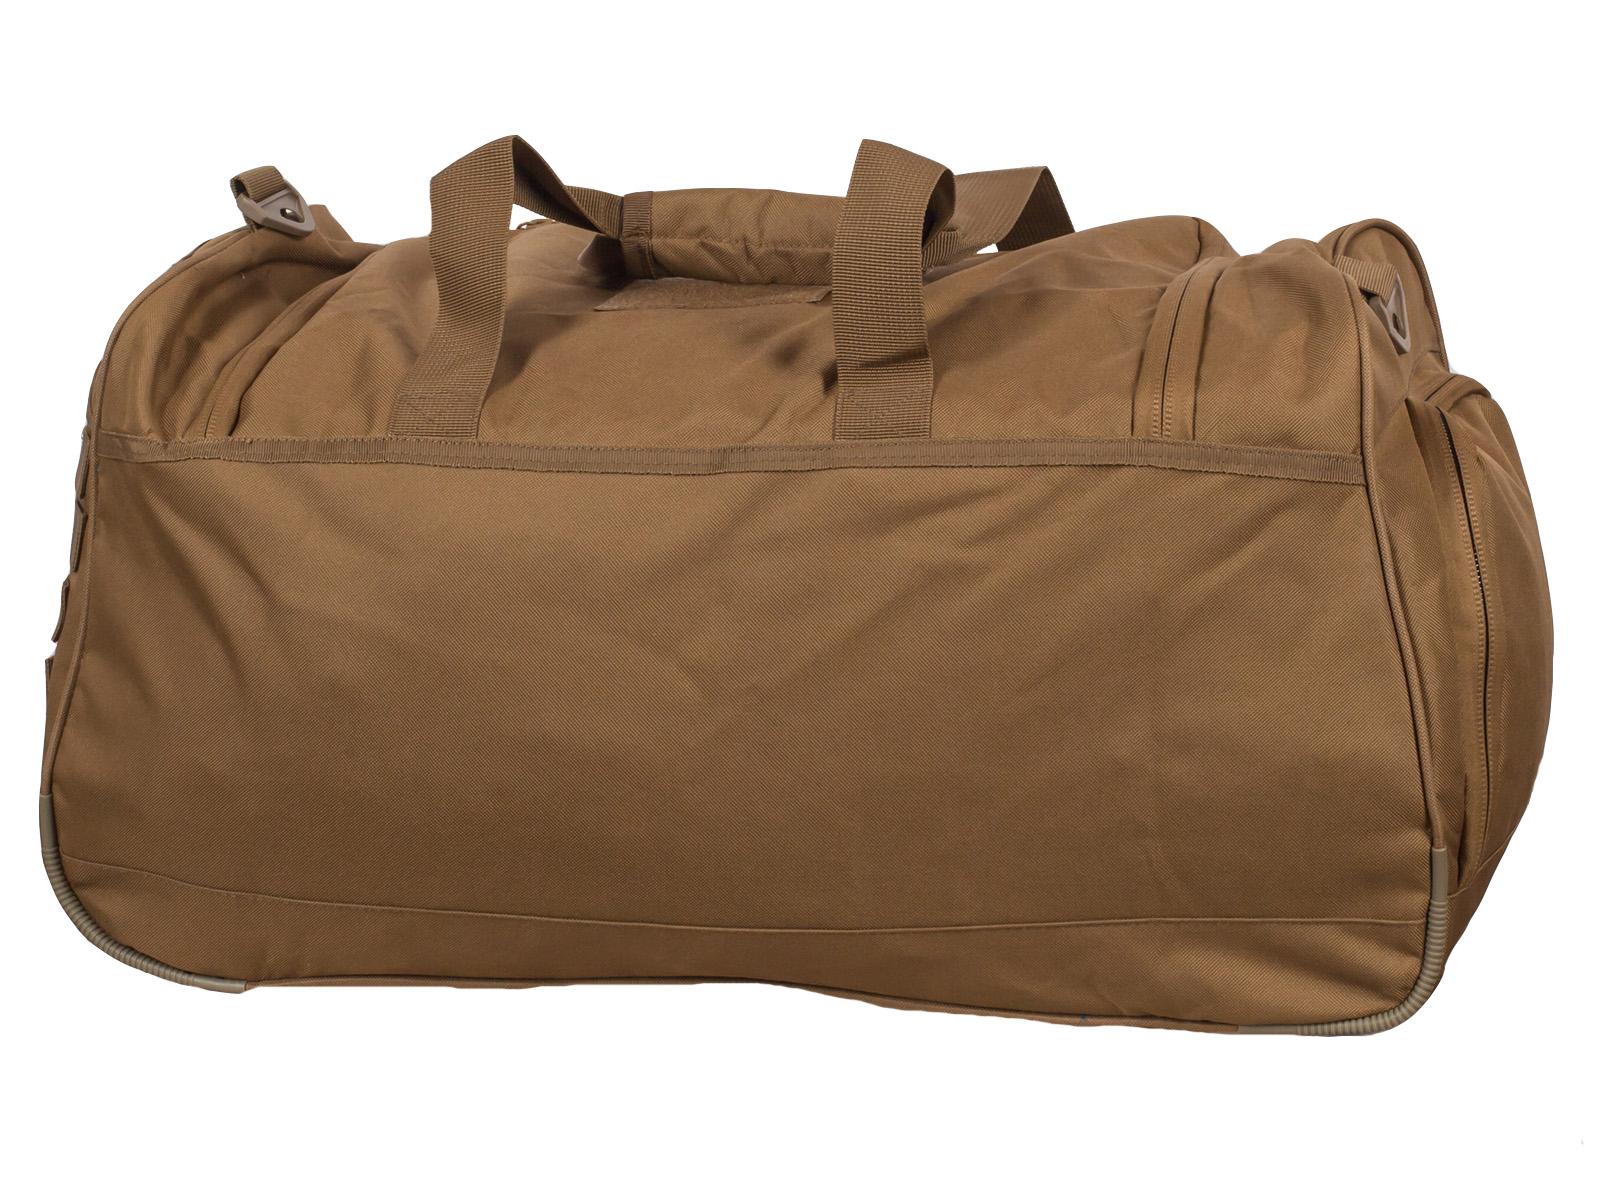 Надежная эргономичная сумка 08032B Coyote с нашивкой ДПС - купить онлайн